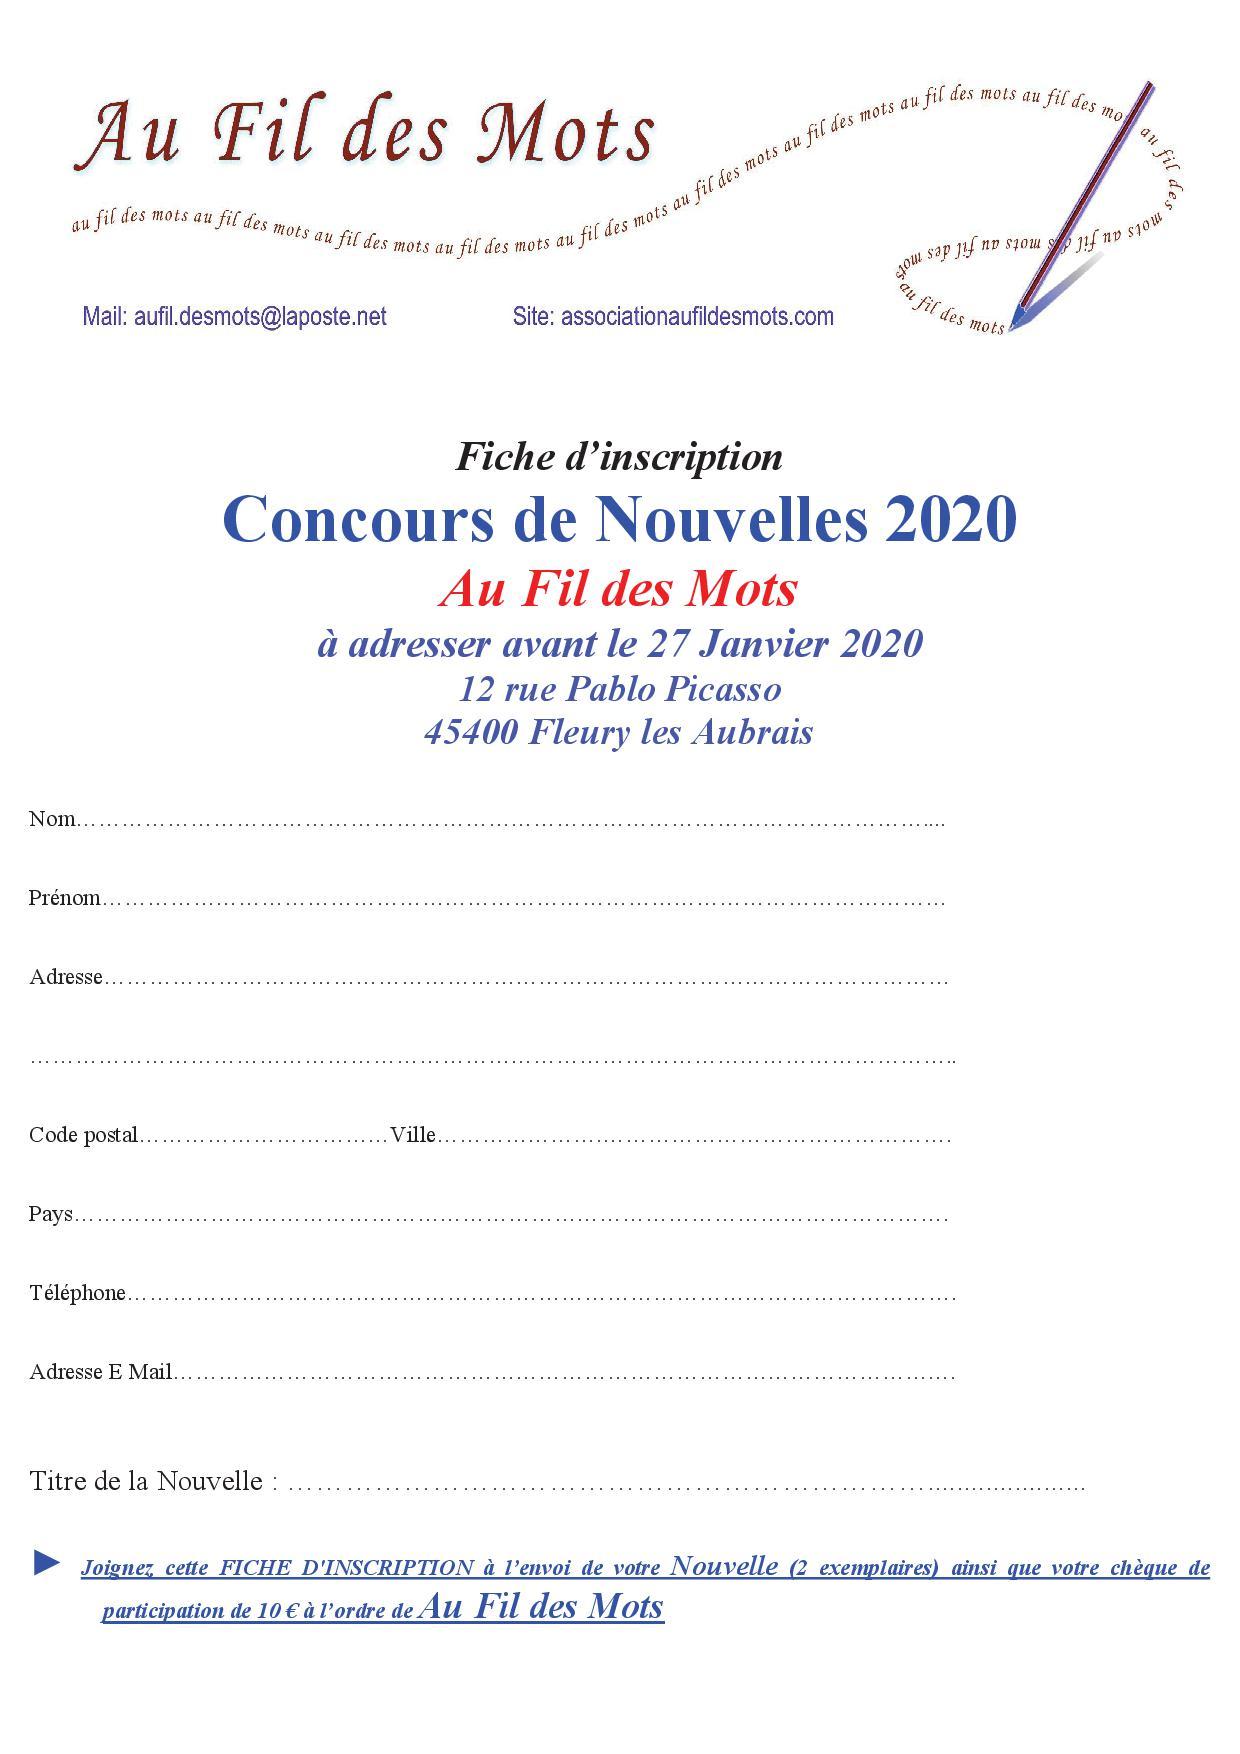 Réglement_Concours_20202.jpg